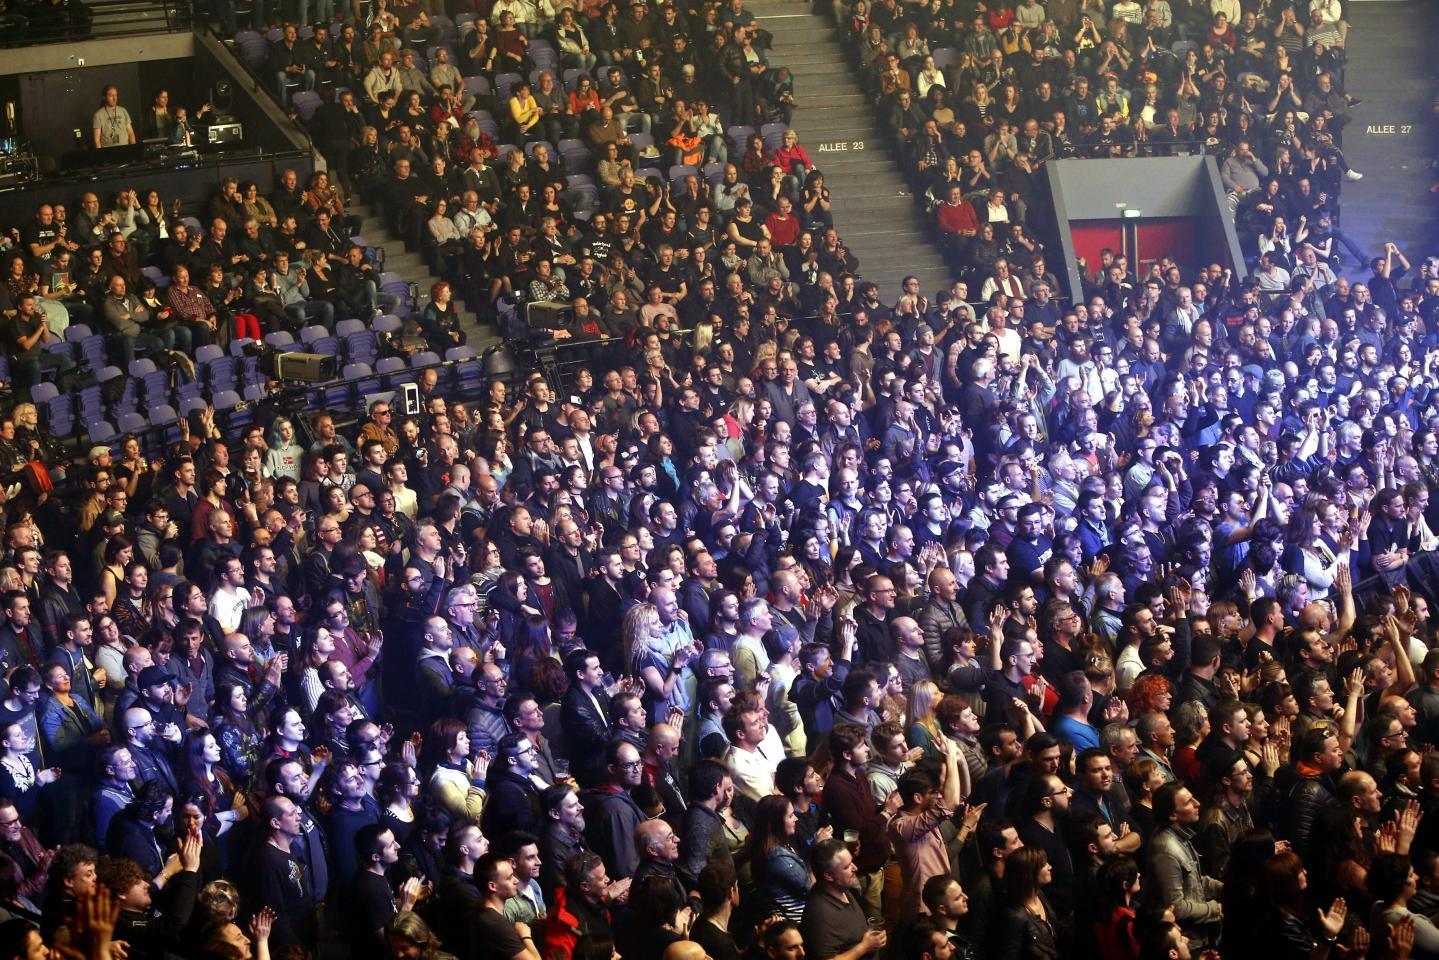 Plus de 5.000 personnes étaient présentes.